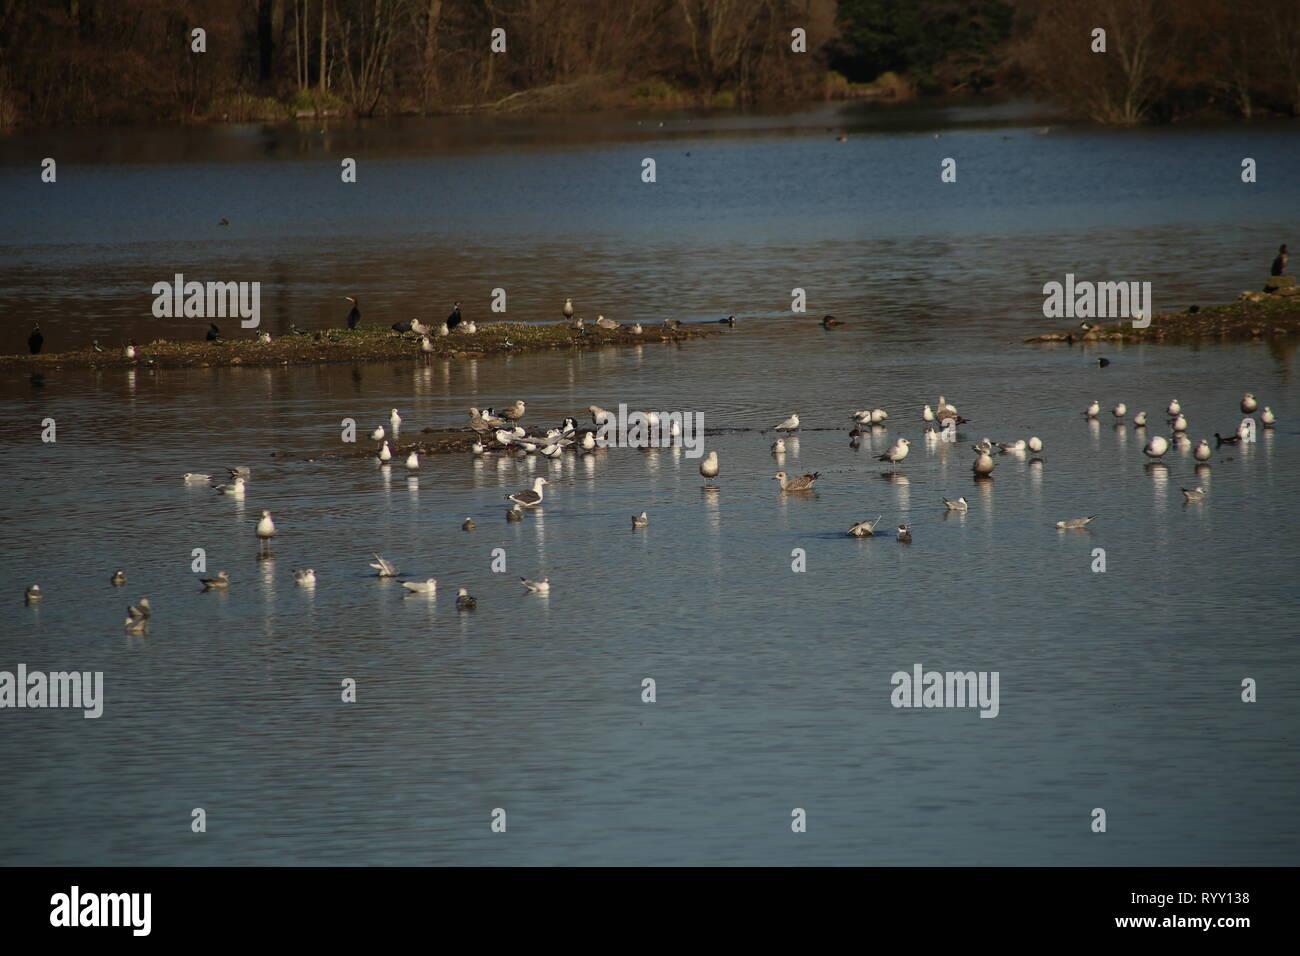 Human Habitat Stock Photos Amp Human Habitat Stock Images